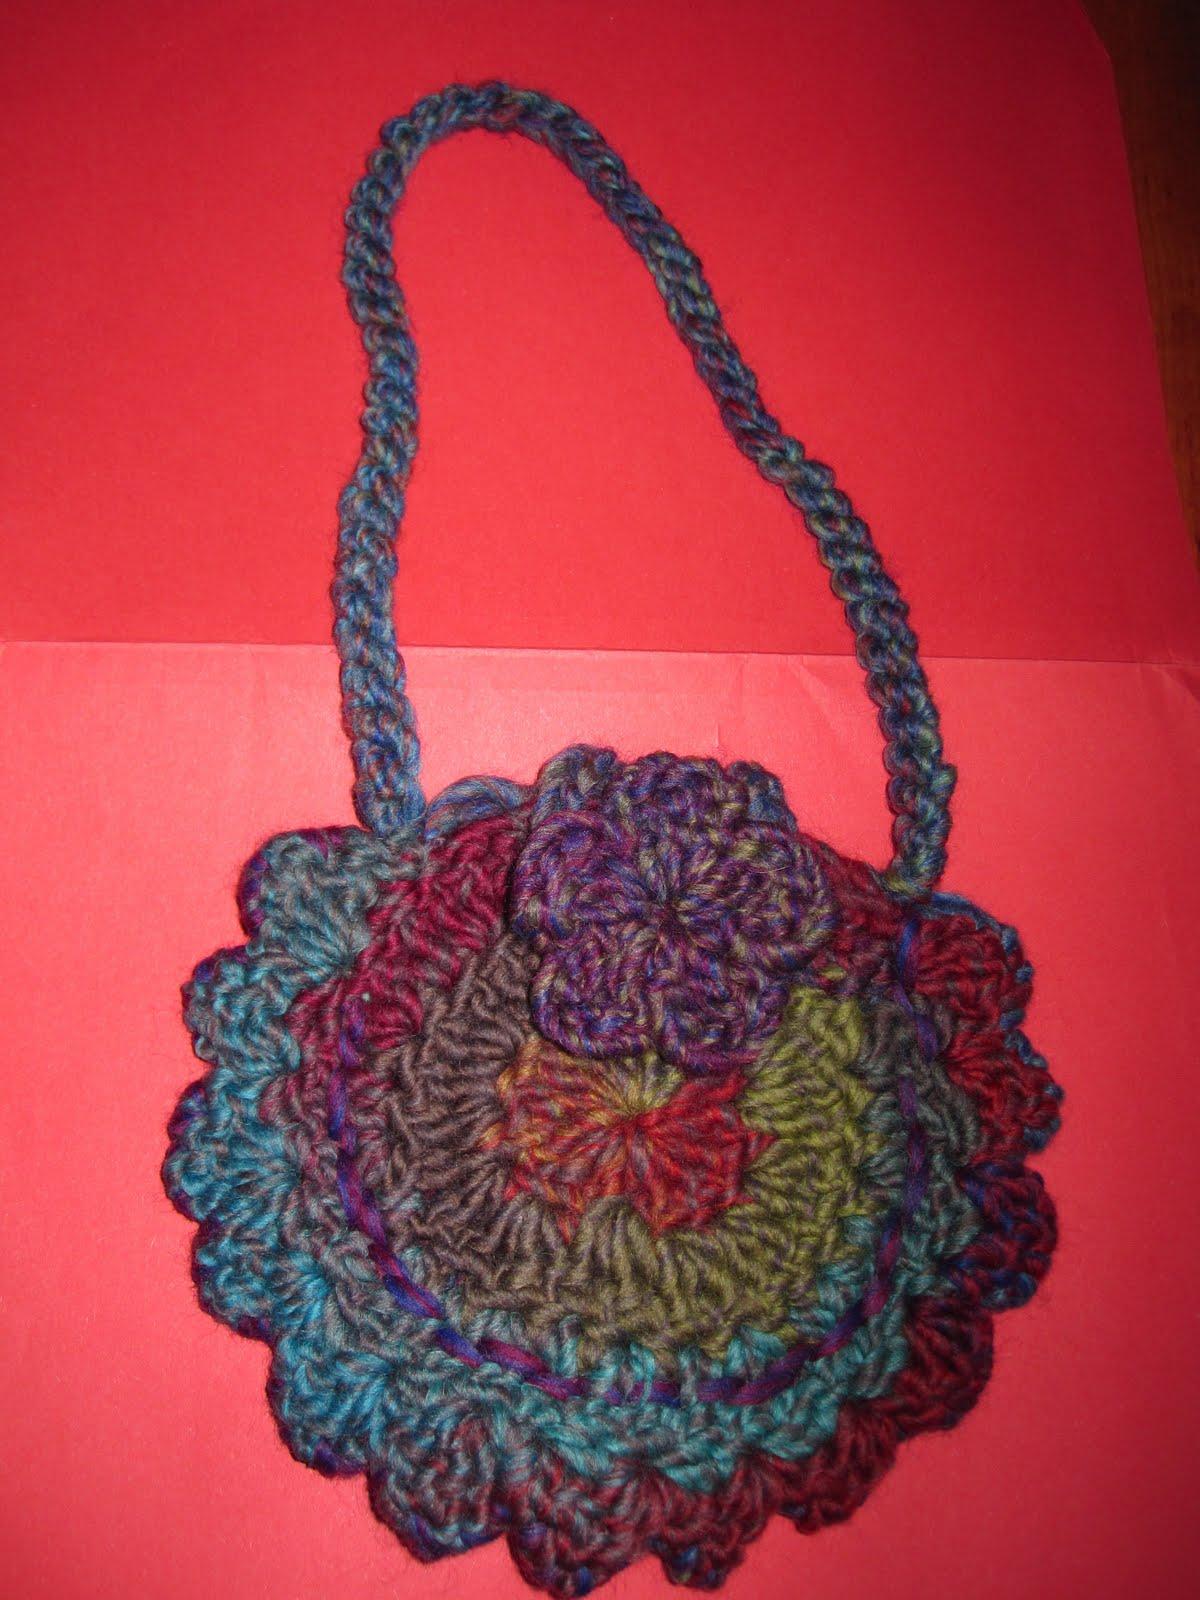 manualidades mis crochet Bolsos crochet manualidades Bolsos crochet Bolsos mis crochet manualidades mis mis manualidades Bolsos xwZnU1Y